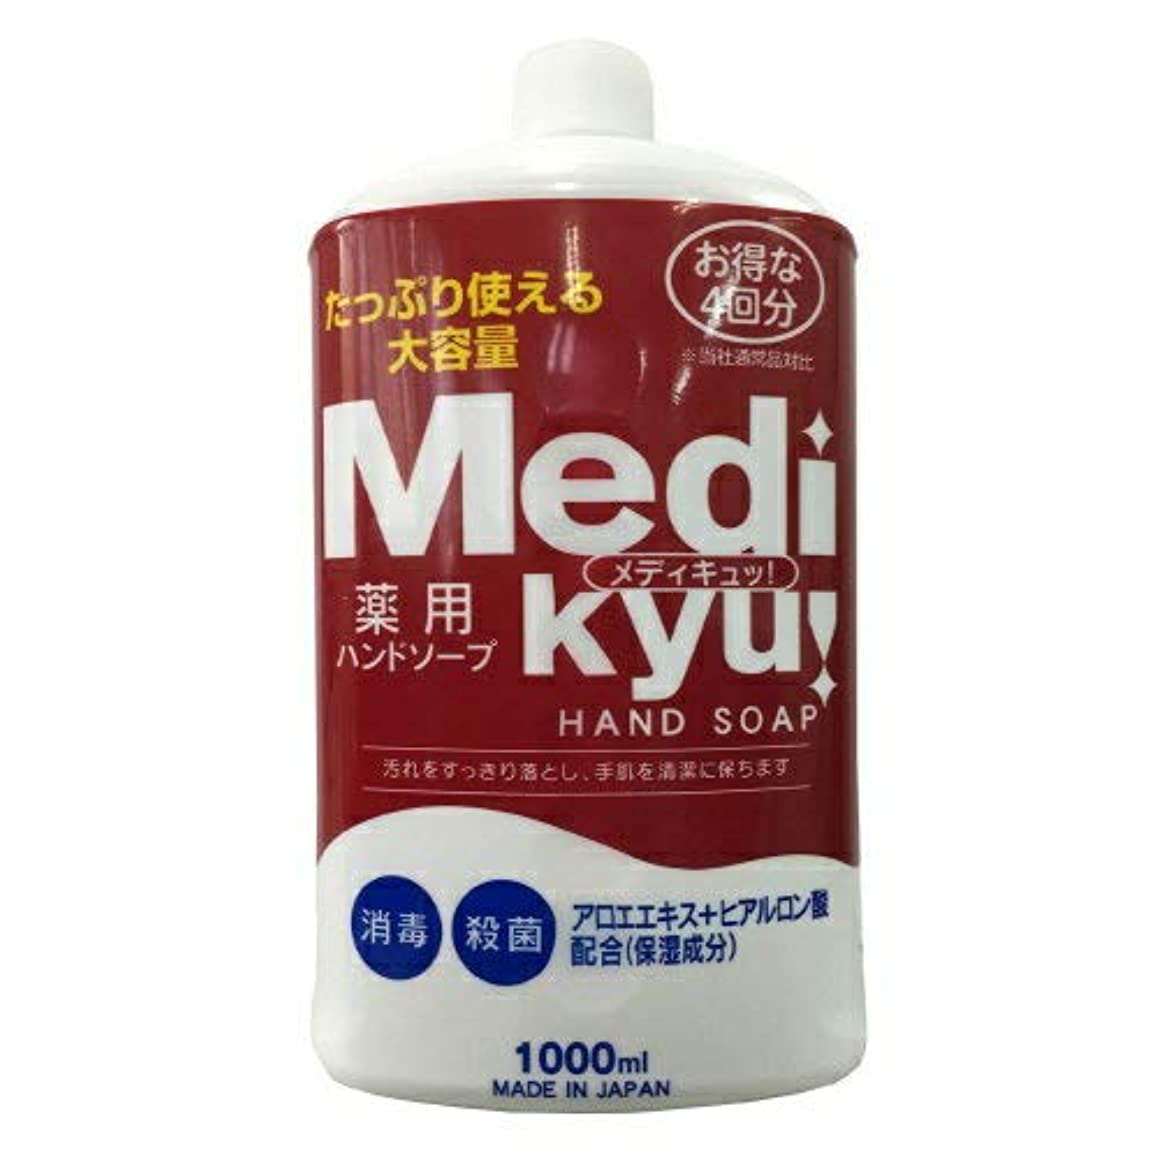 崩壊三番ジャングルロケット石鹸 メディキュッ! 薬用ハンドソープ 大型ボトル 詰替用 1000ml